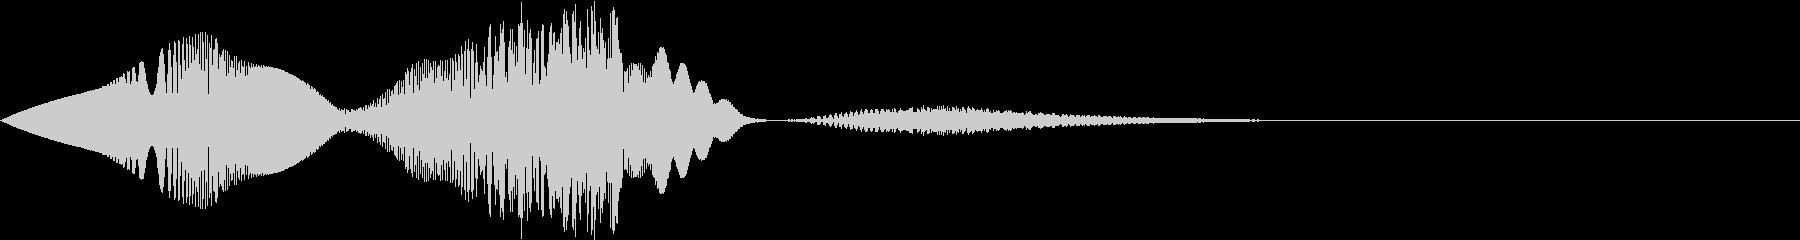 コミカルな動画制作用の効果音_ぴよぴよの未再生の波形